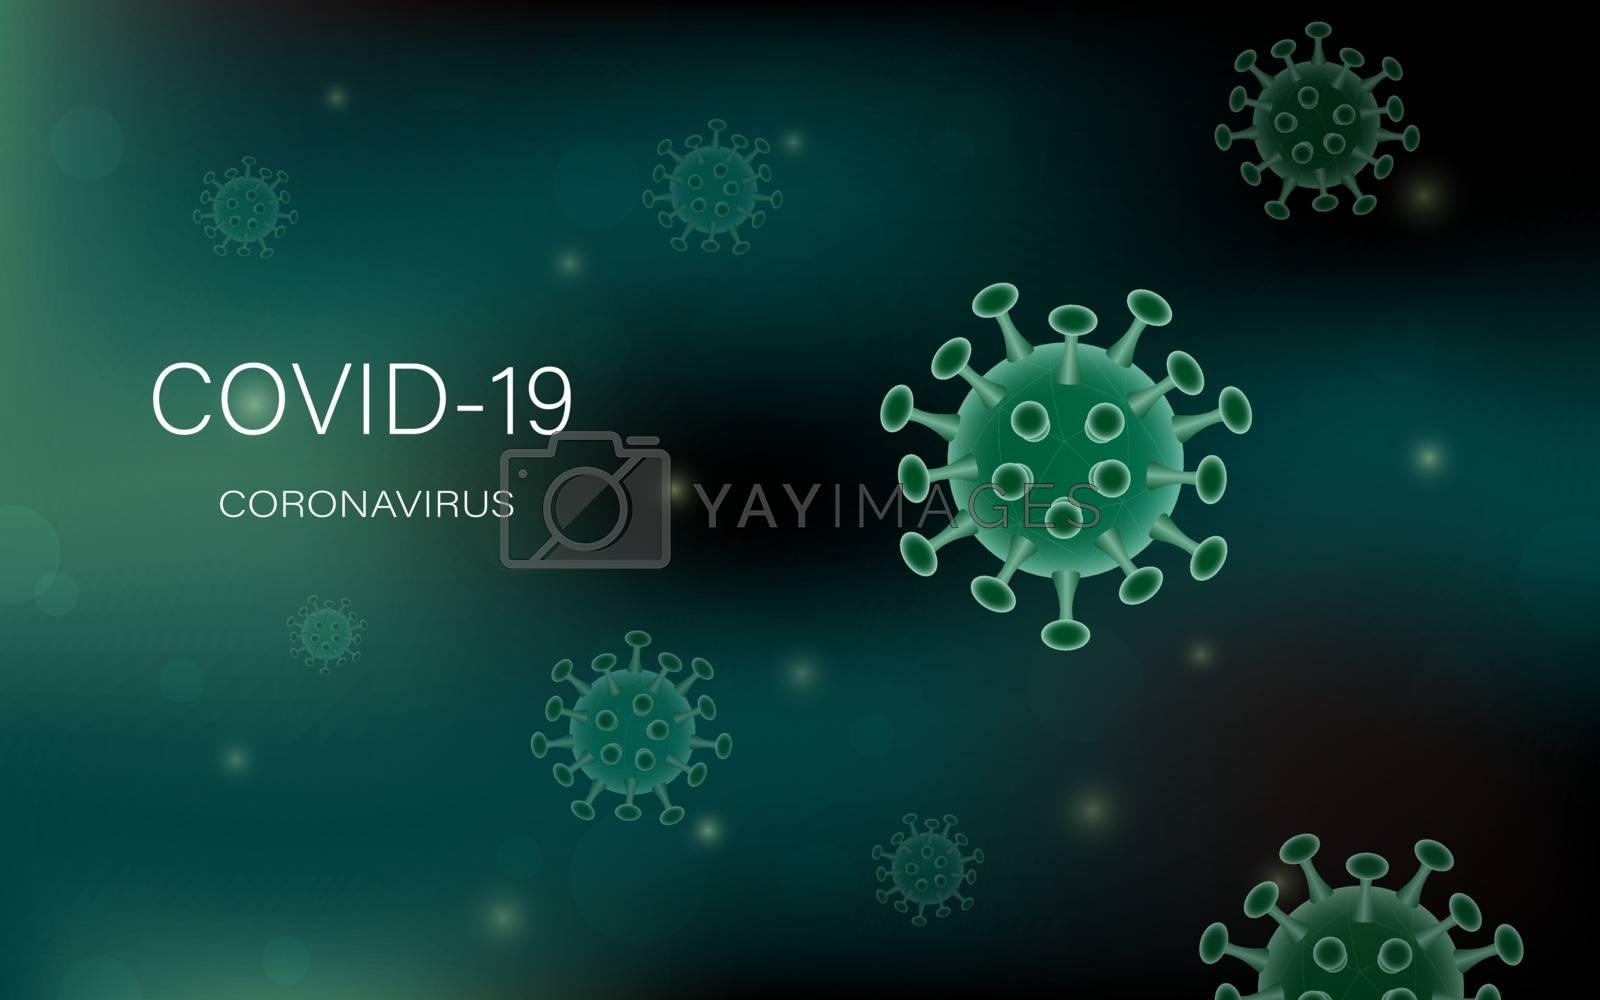 Coronavirus or covid-19 model on bokeh background for advertising banner or leaflet,vector illustration